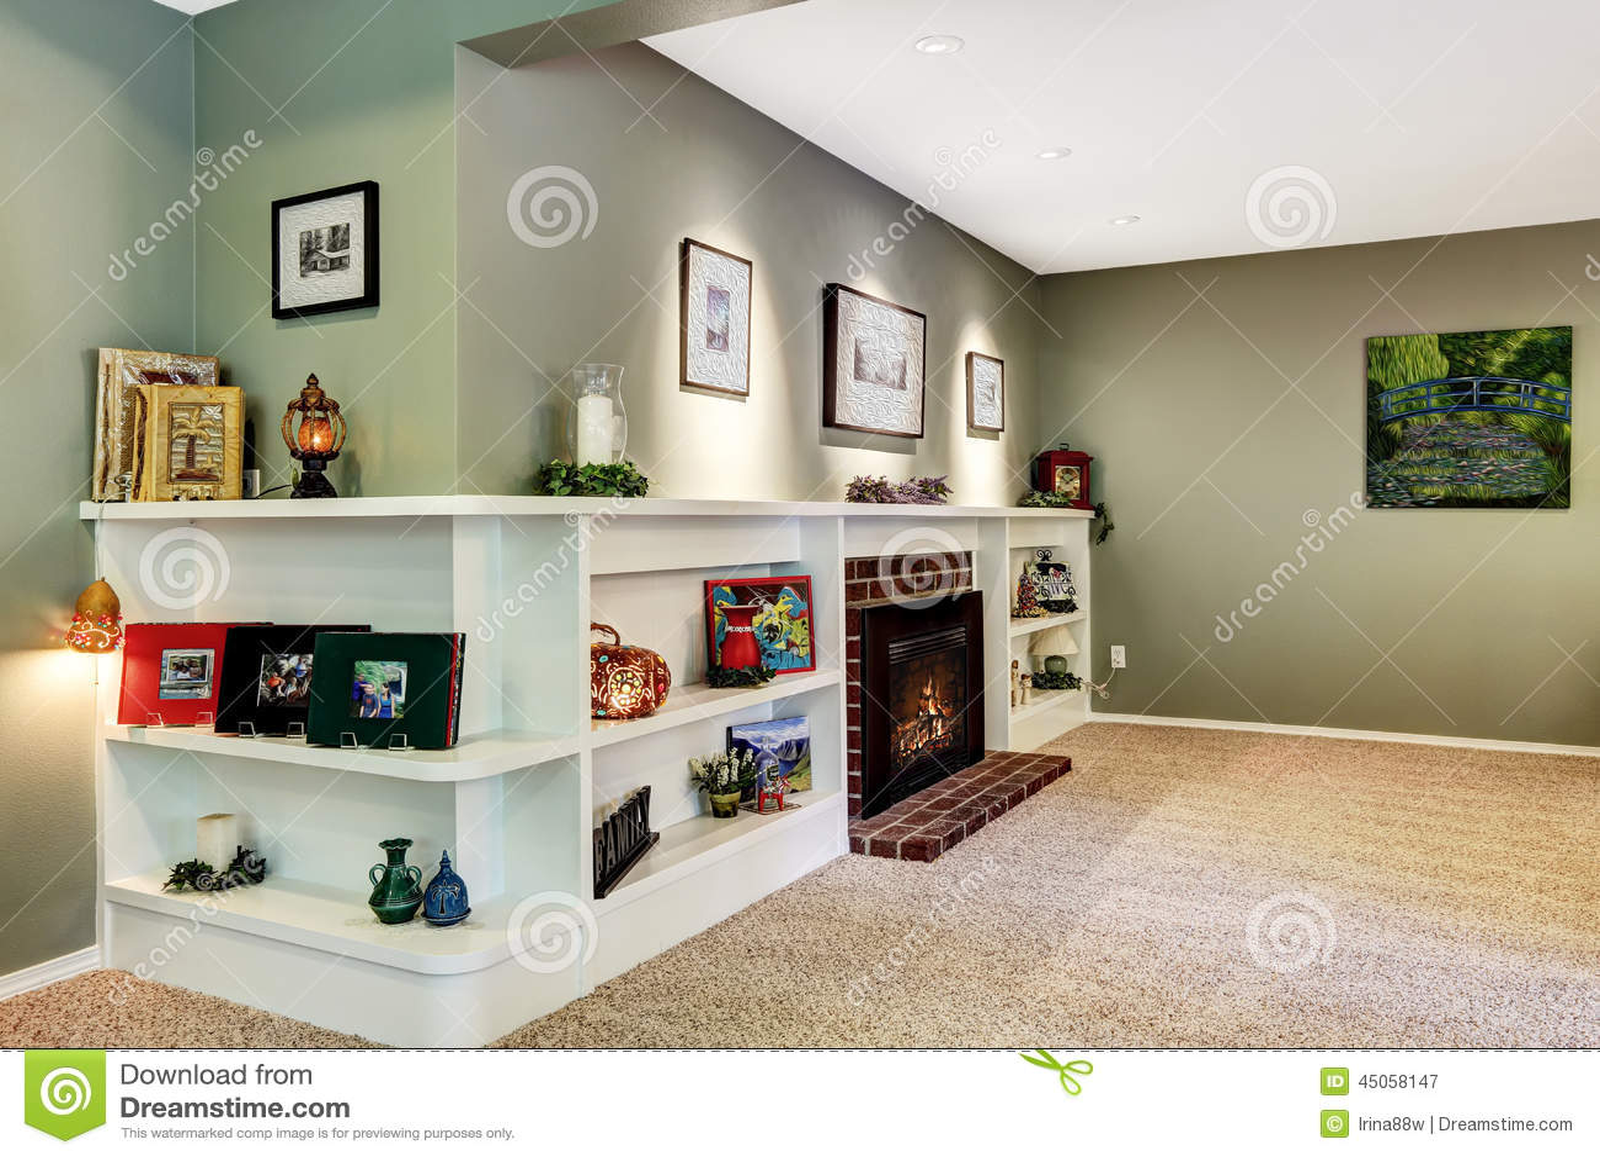 Wohnzimmerecke Mit Kamin Und Verzierten Regalen Stockbild Bild Von Haus Wand 45058147